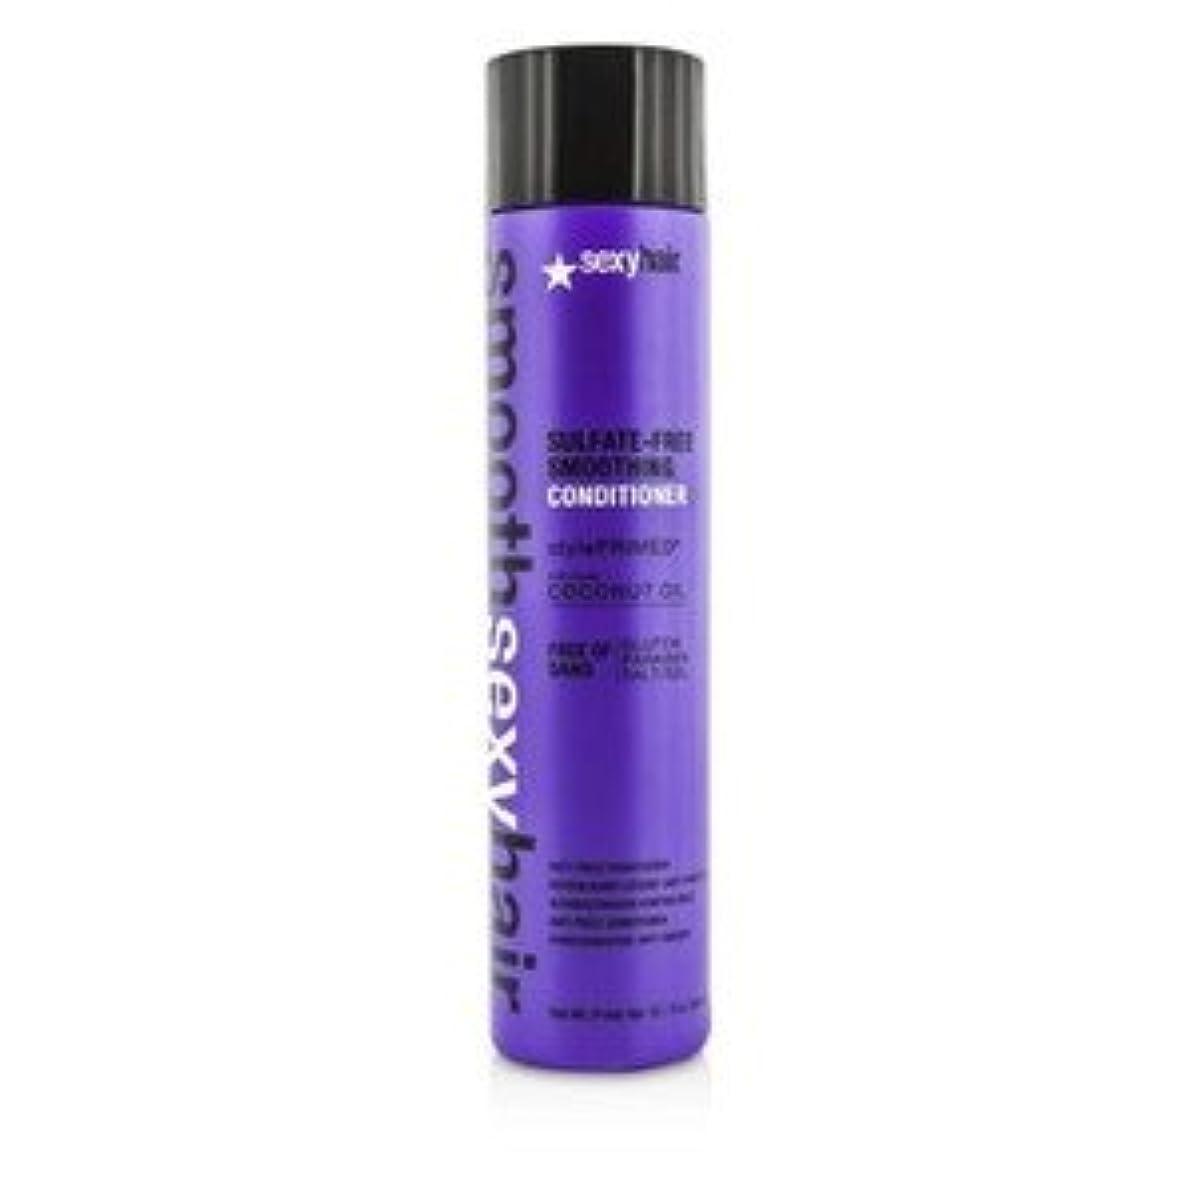 対馬鹿げた借りるSexy Hair スムース セクシー ヘア サルフェートフリー スムージング コンディショナー(Anti-Frizz) 300ml/10.1oz [並行輸入品]